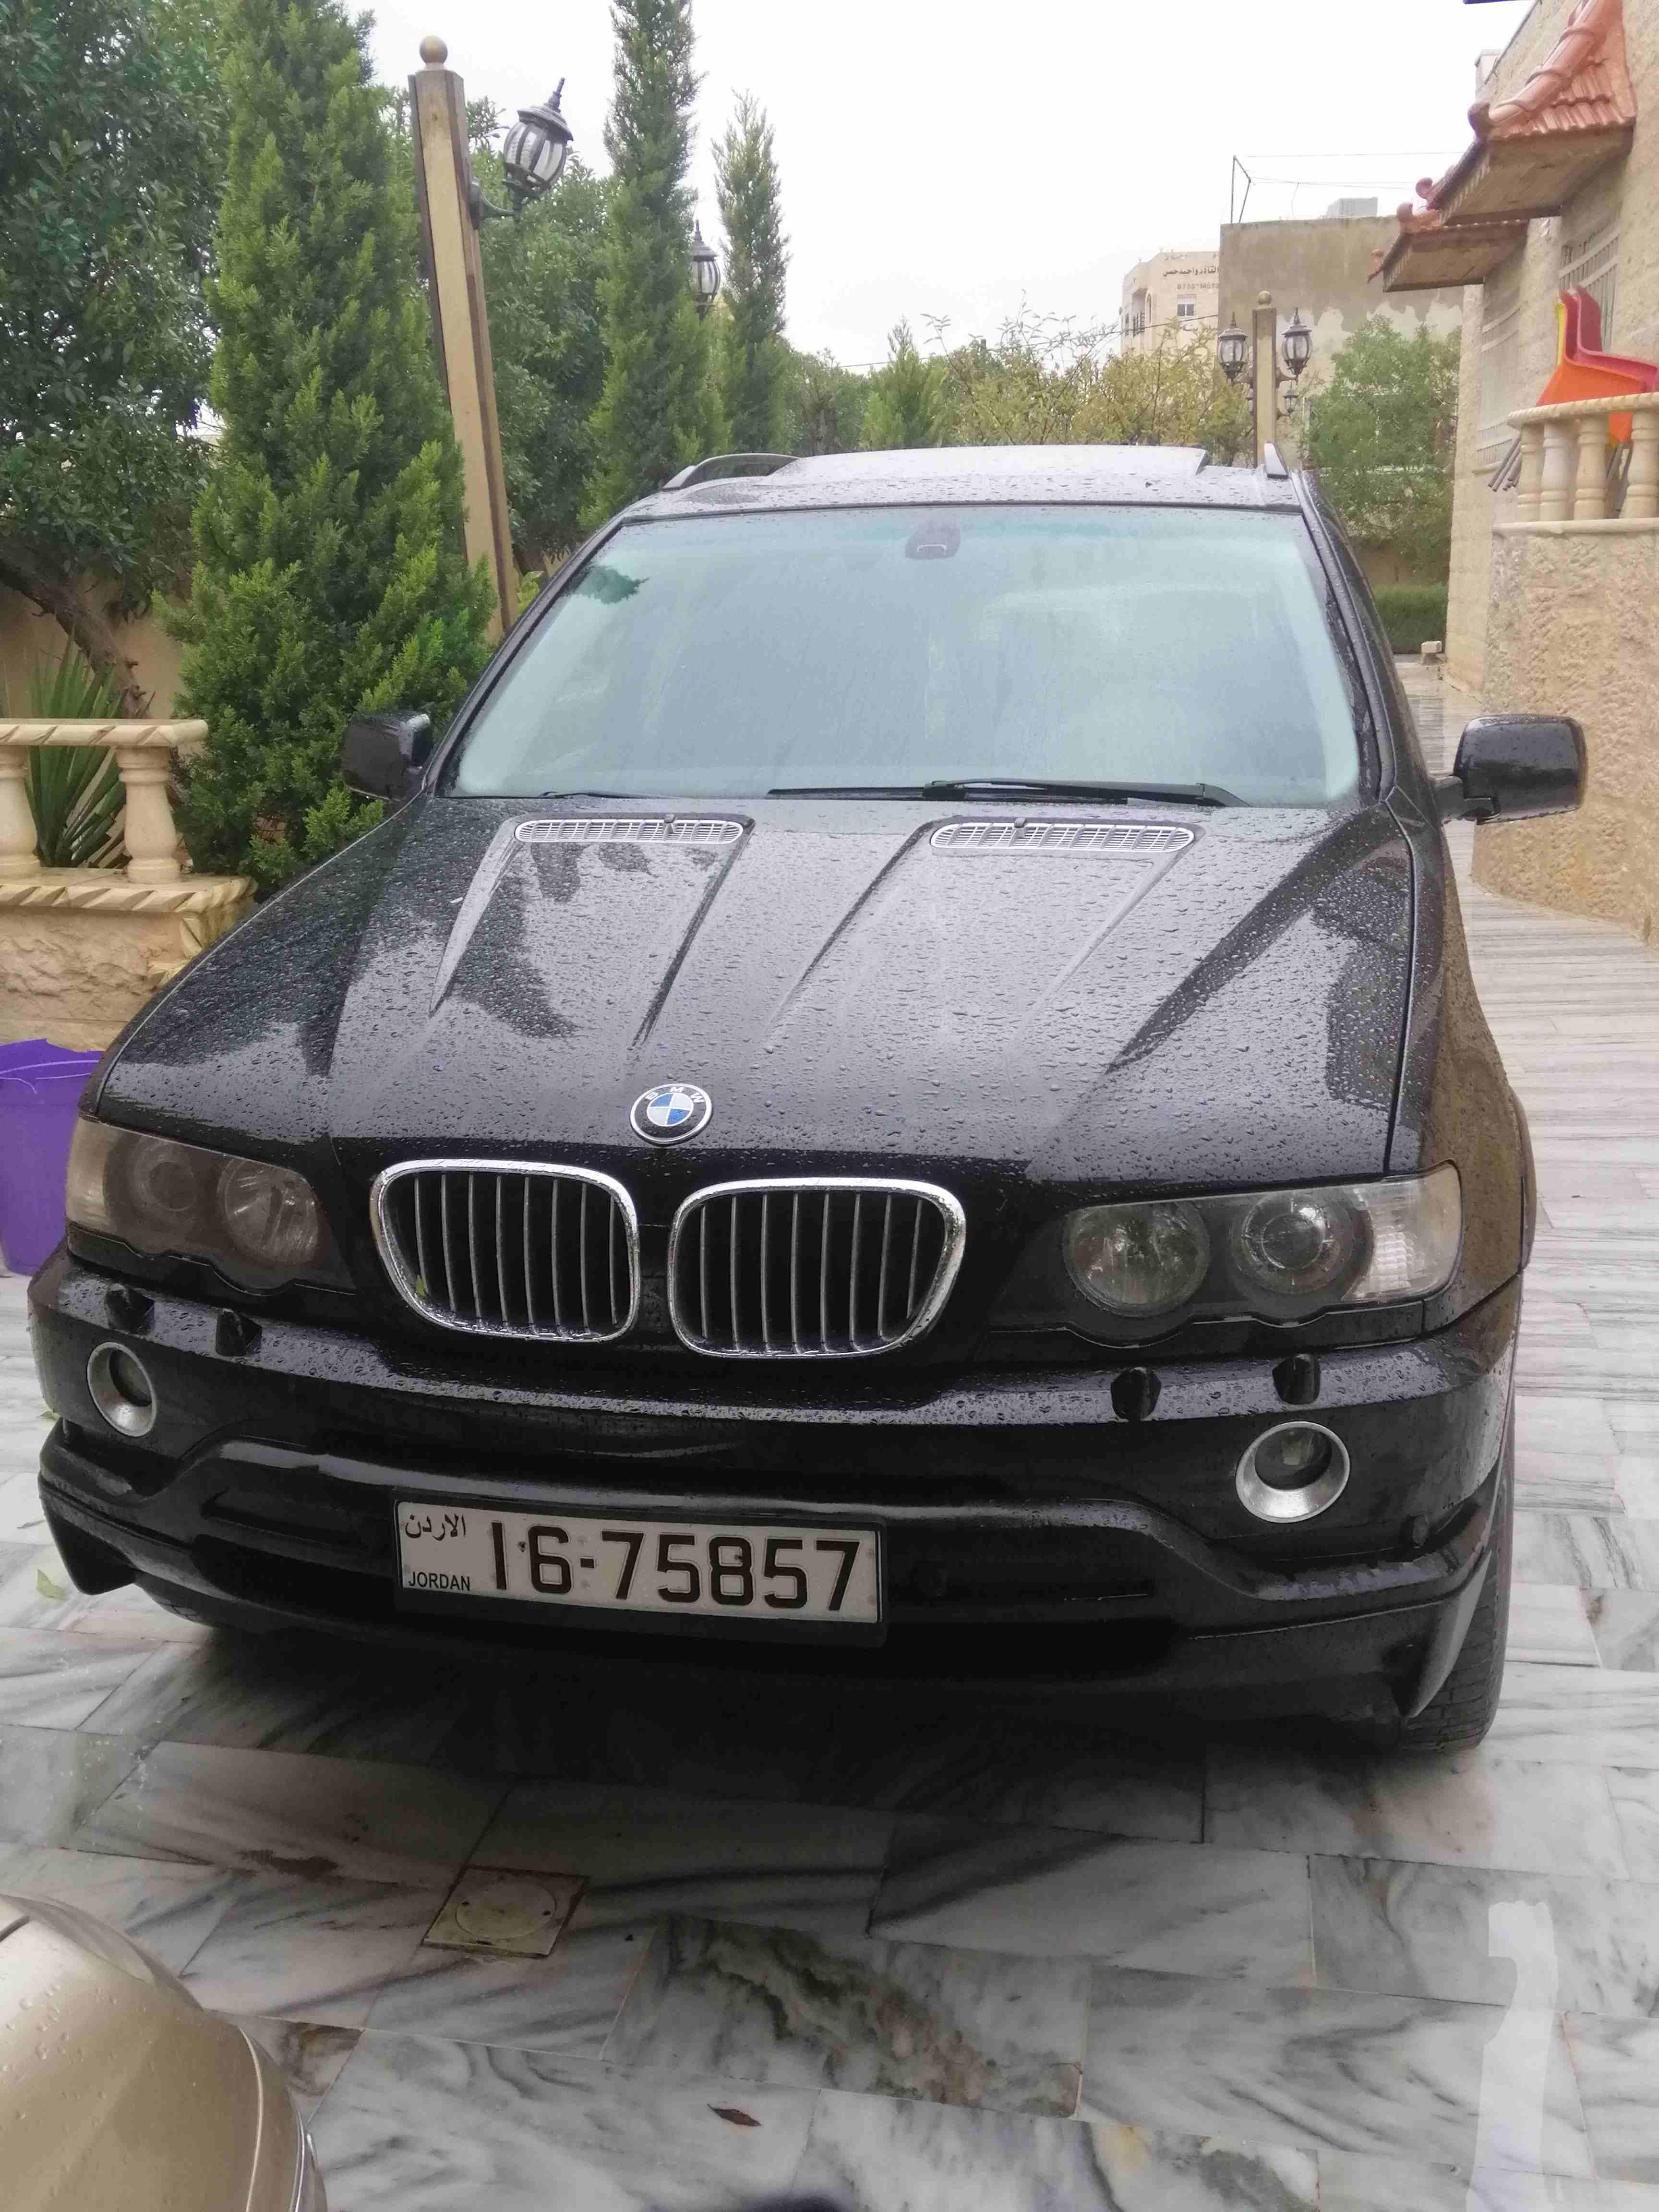 للبيع مرسدس 2010 نظيف جدا صبغ وكااااالة E350-  بي ام x5 فل الفل 2003 لا...